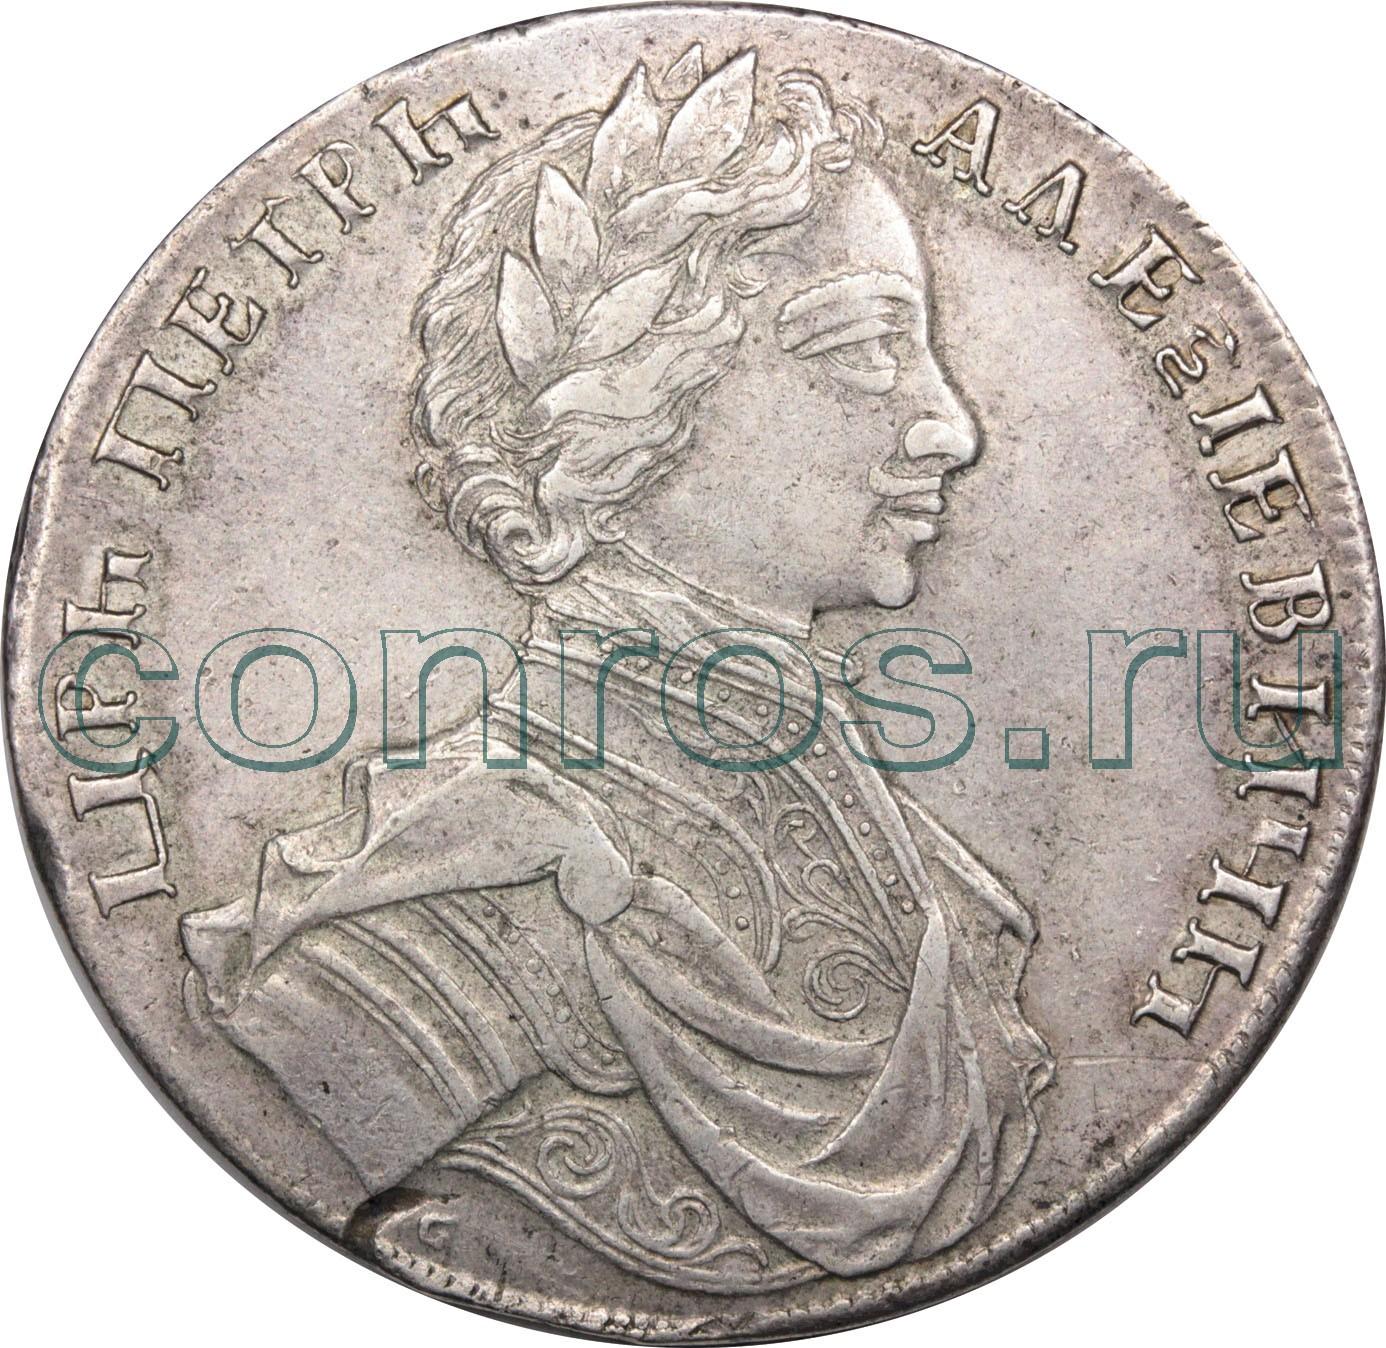 Рубль 1712 года цена монета рубль 2001 года содружество независимых государств